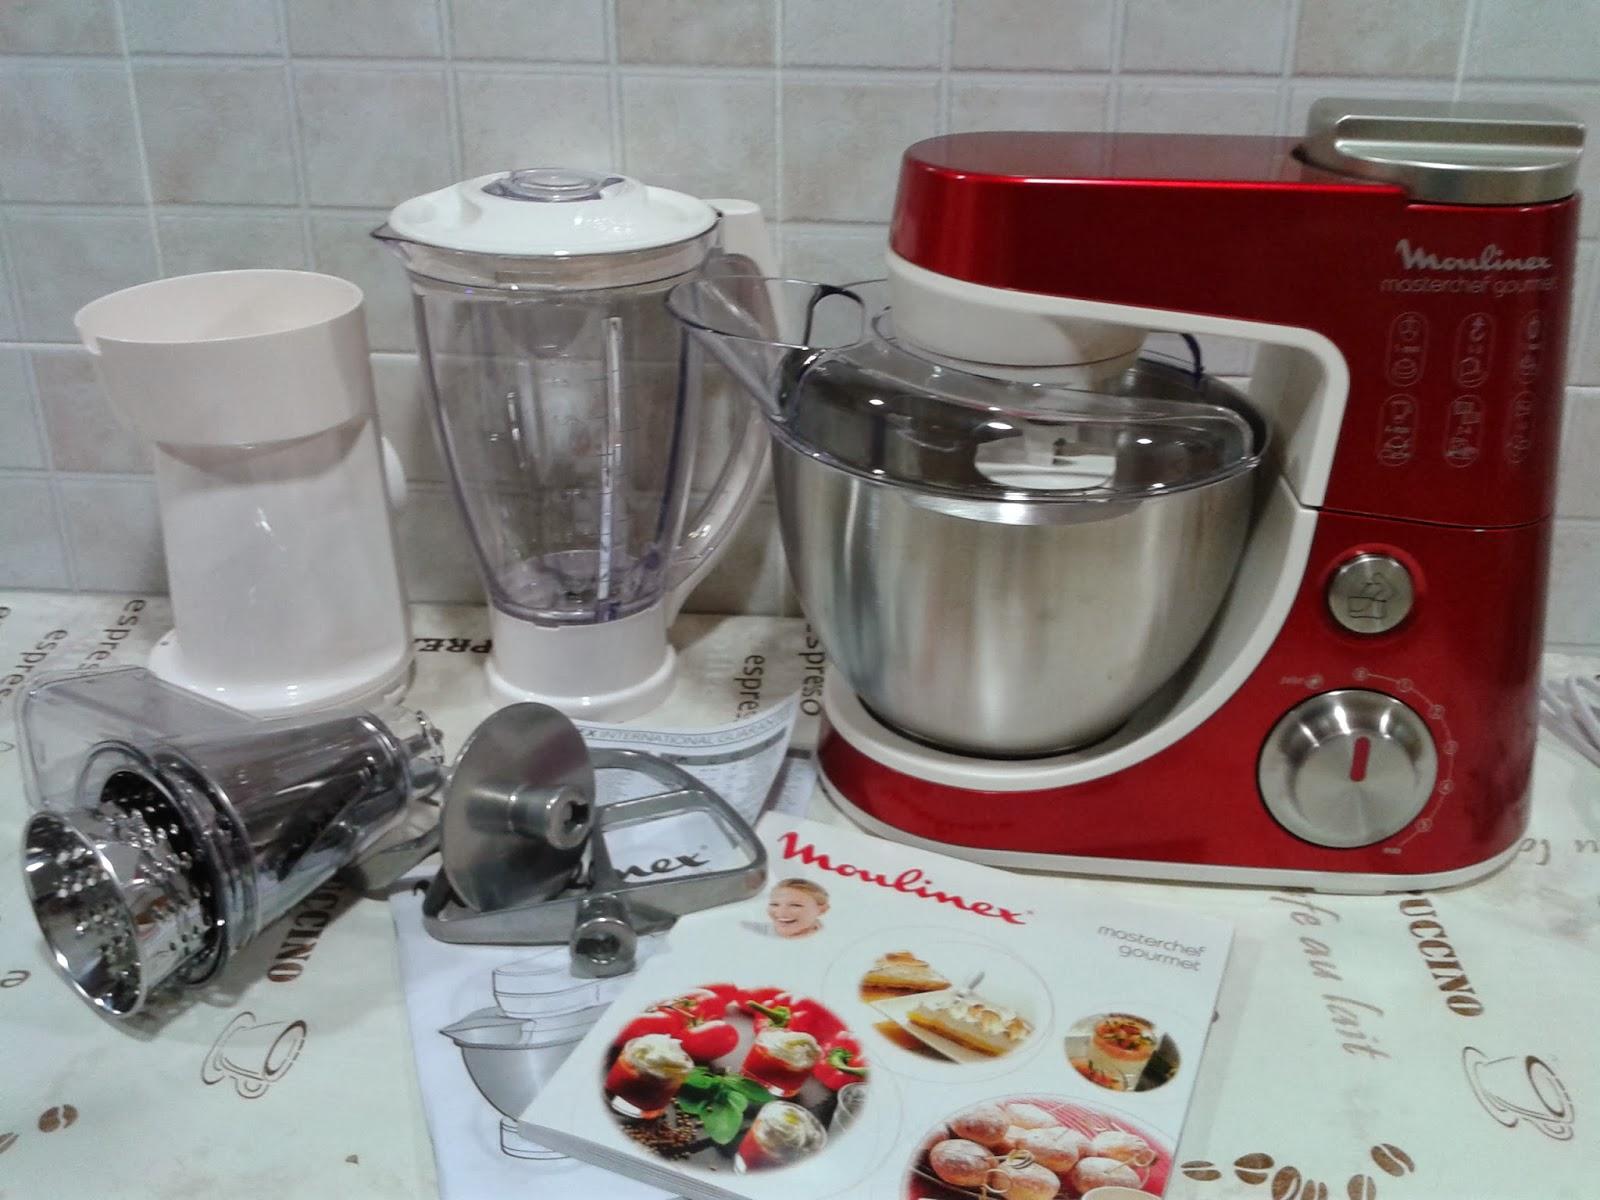 Recetas con encanto estrenando mi masterchef gourmet - Robot cocina masterchef ...